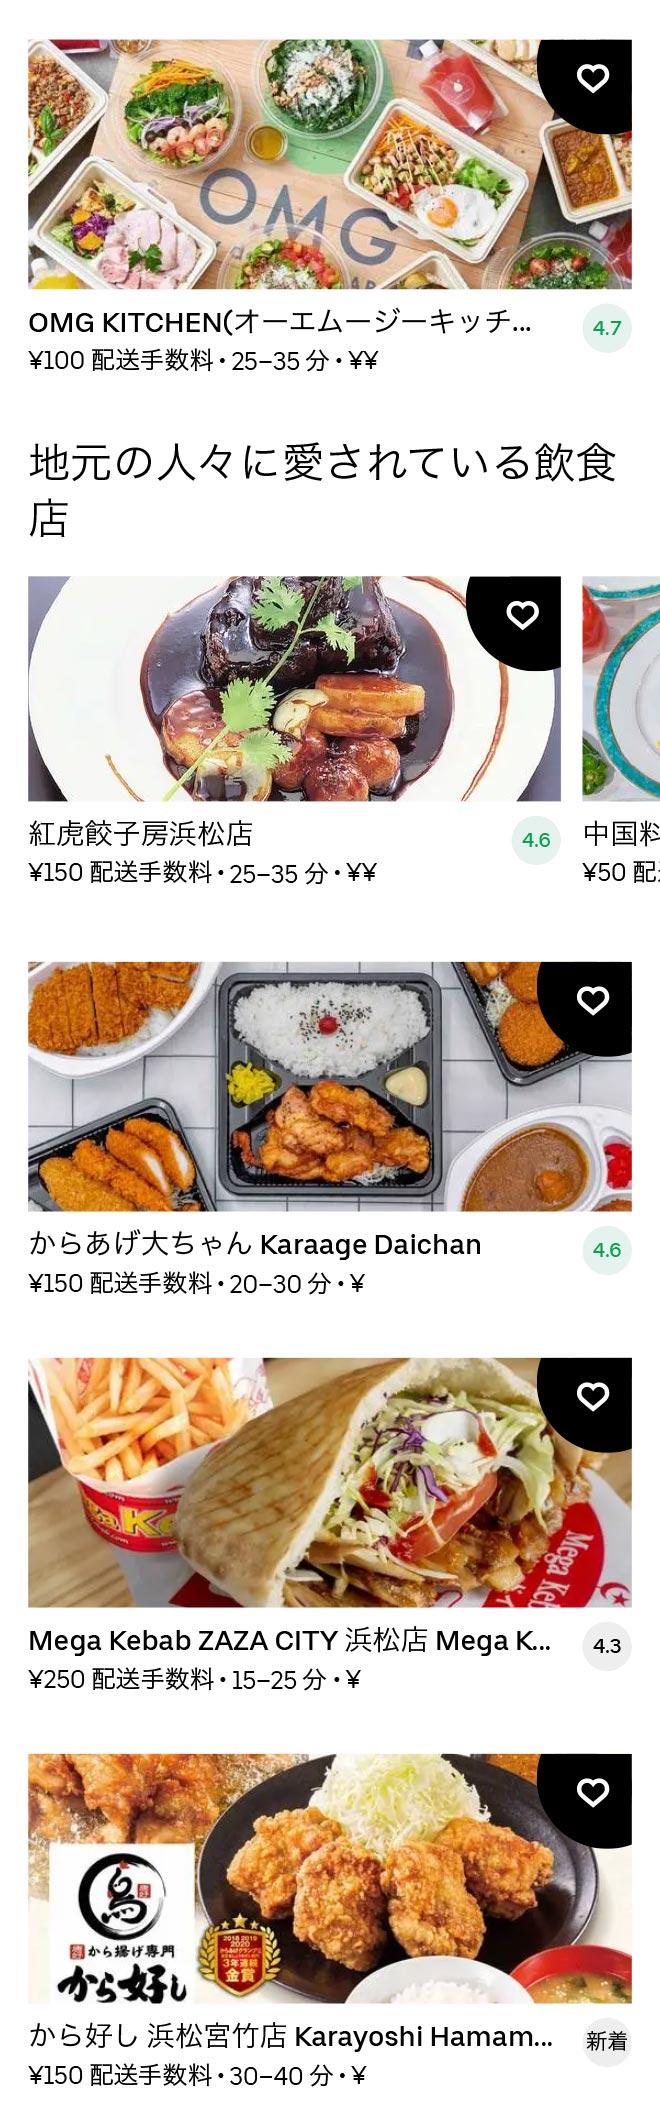 Hikuma menu 2011 04